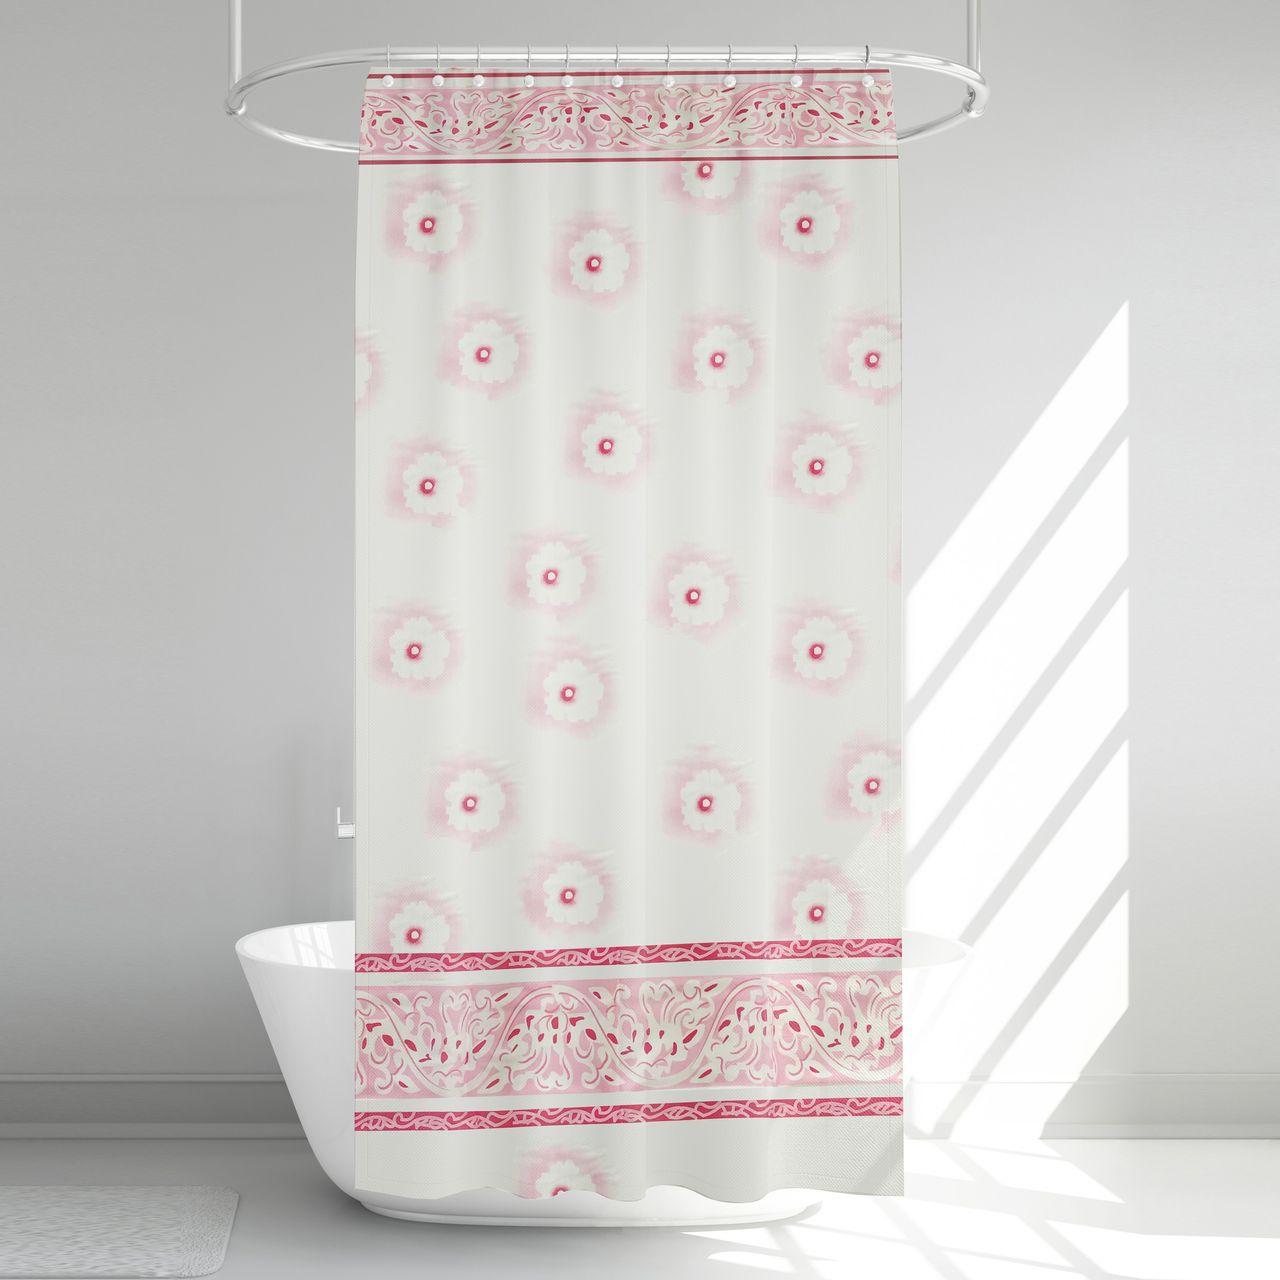 پرده حمام آرمیتا کد W011 سایز 180 × 200 سانتی متر